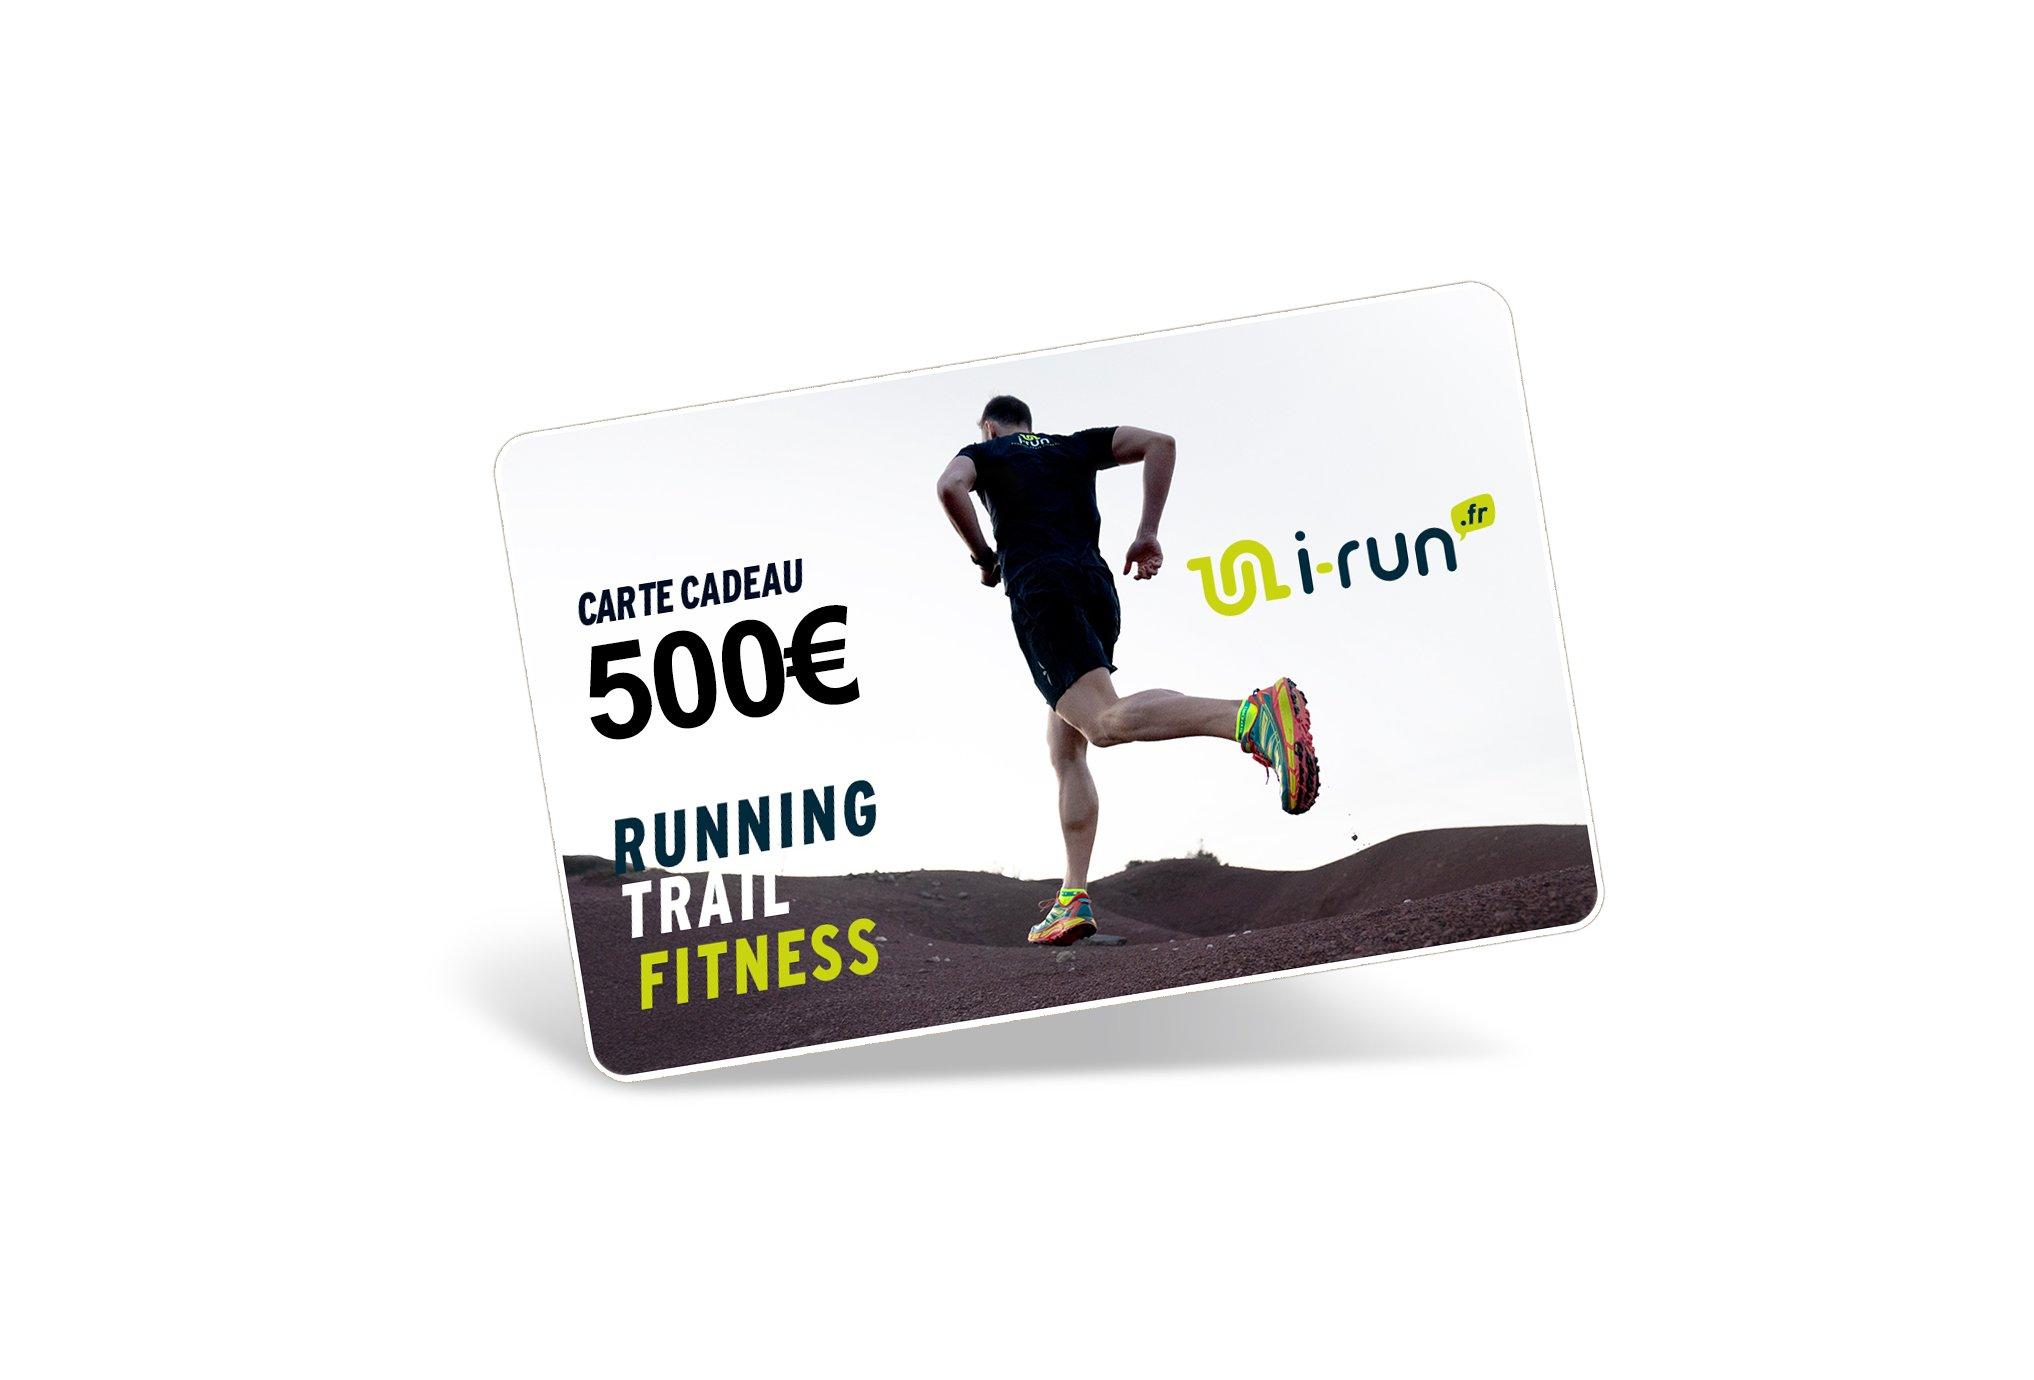 i-run.fr Carte Cadeau 500 M Cartes Cadeau